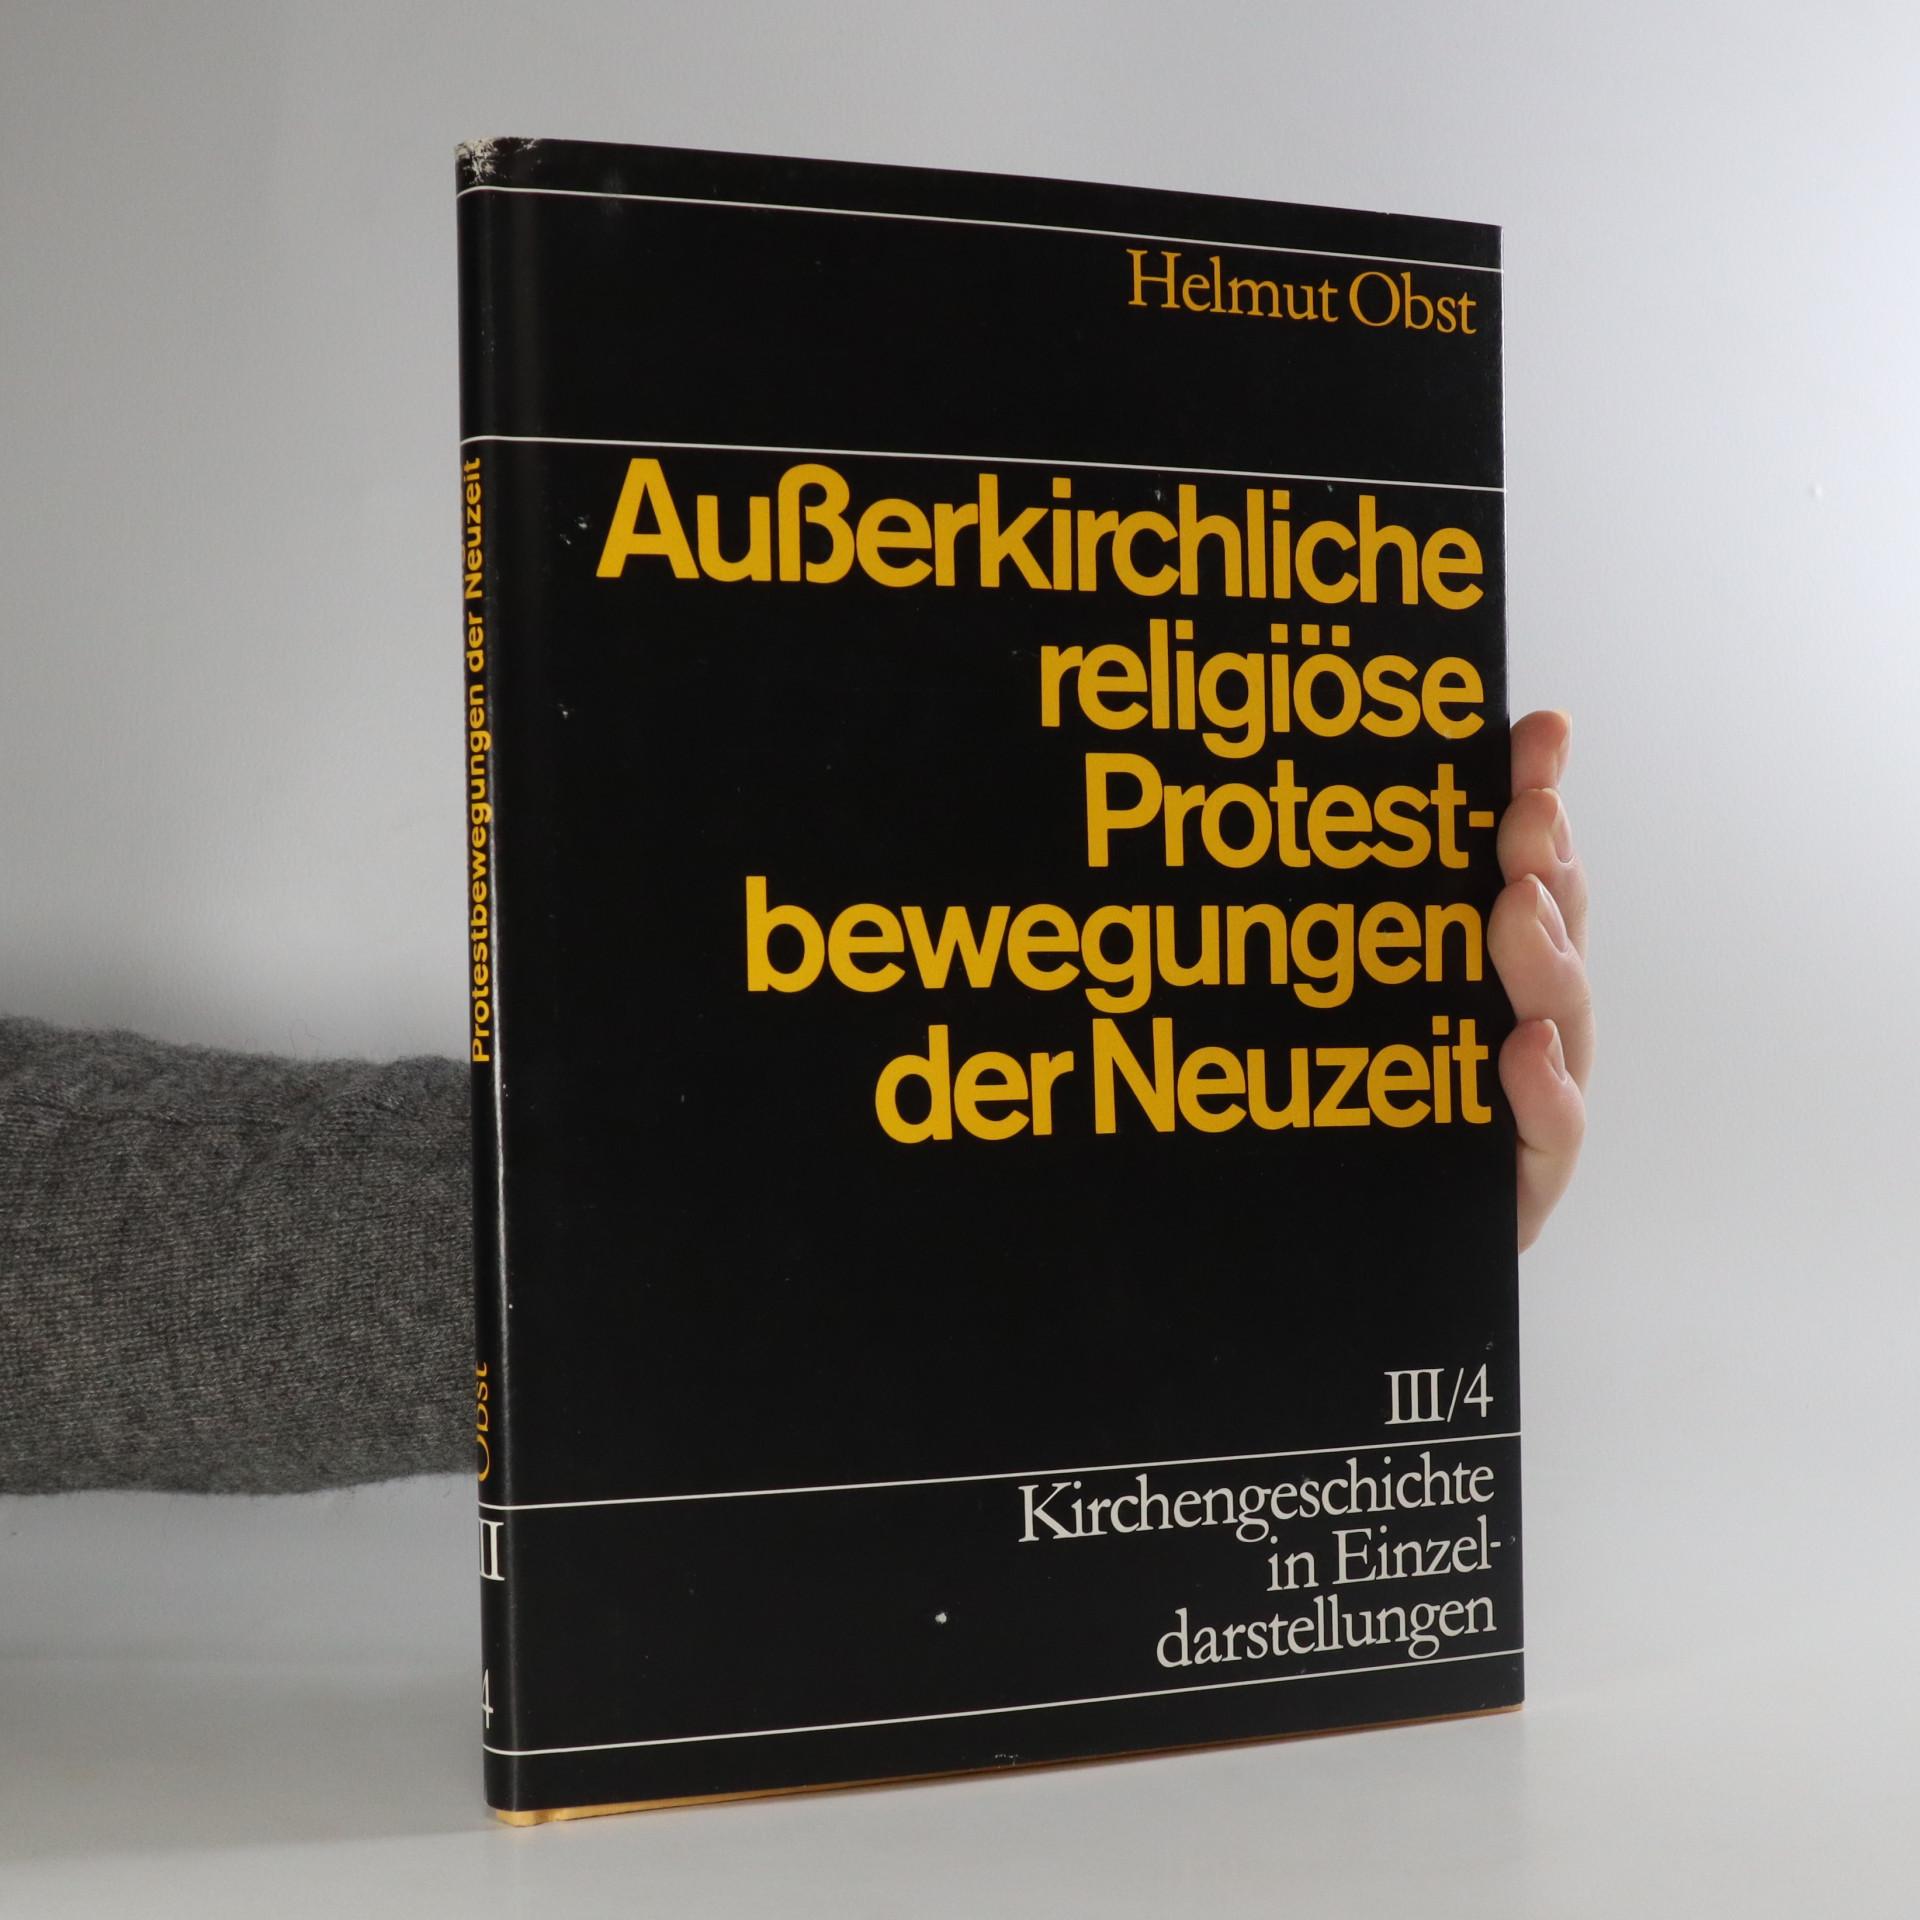 antikvární kniha Ausserkirchliche religiöse Protestbewegungen der Neuzeit, neuveden